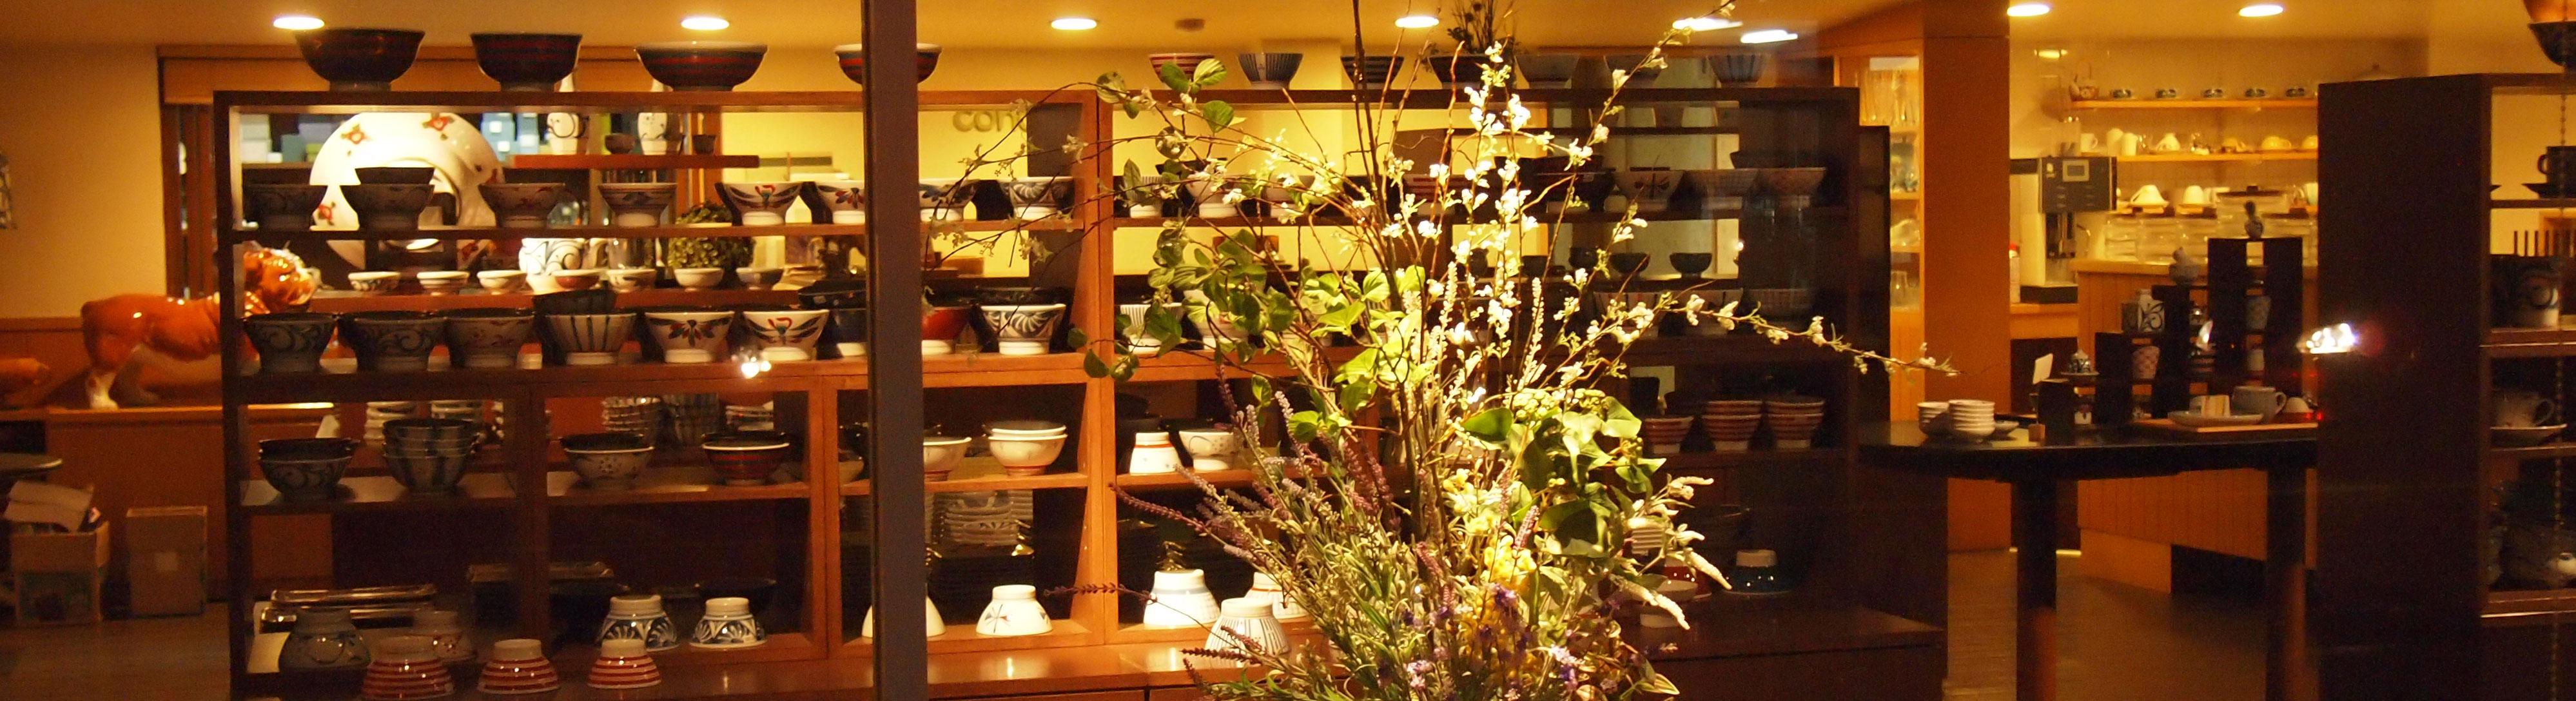 浜陶(松山、東京)/食器、陶器、業務用販売、砥部焼